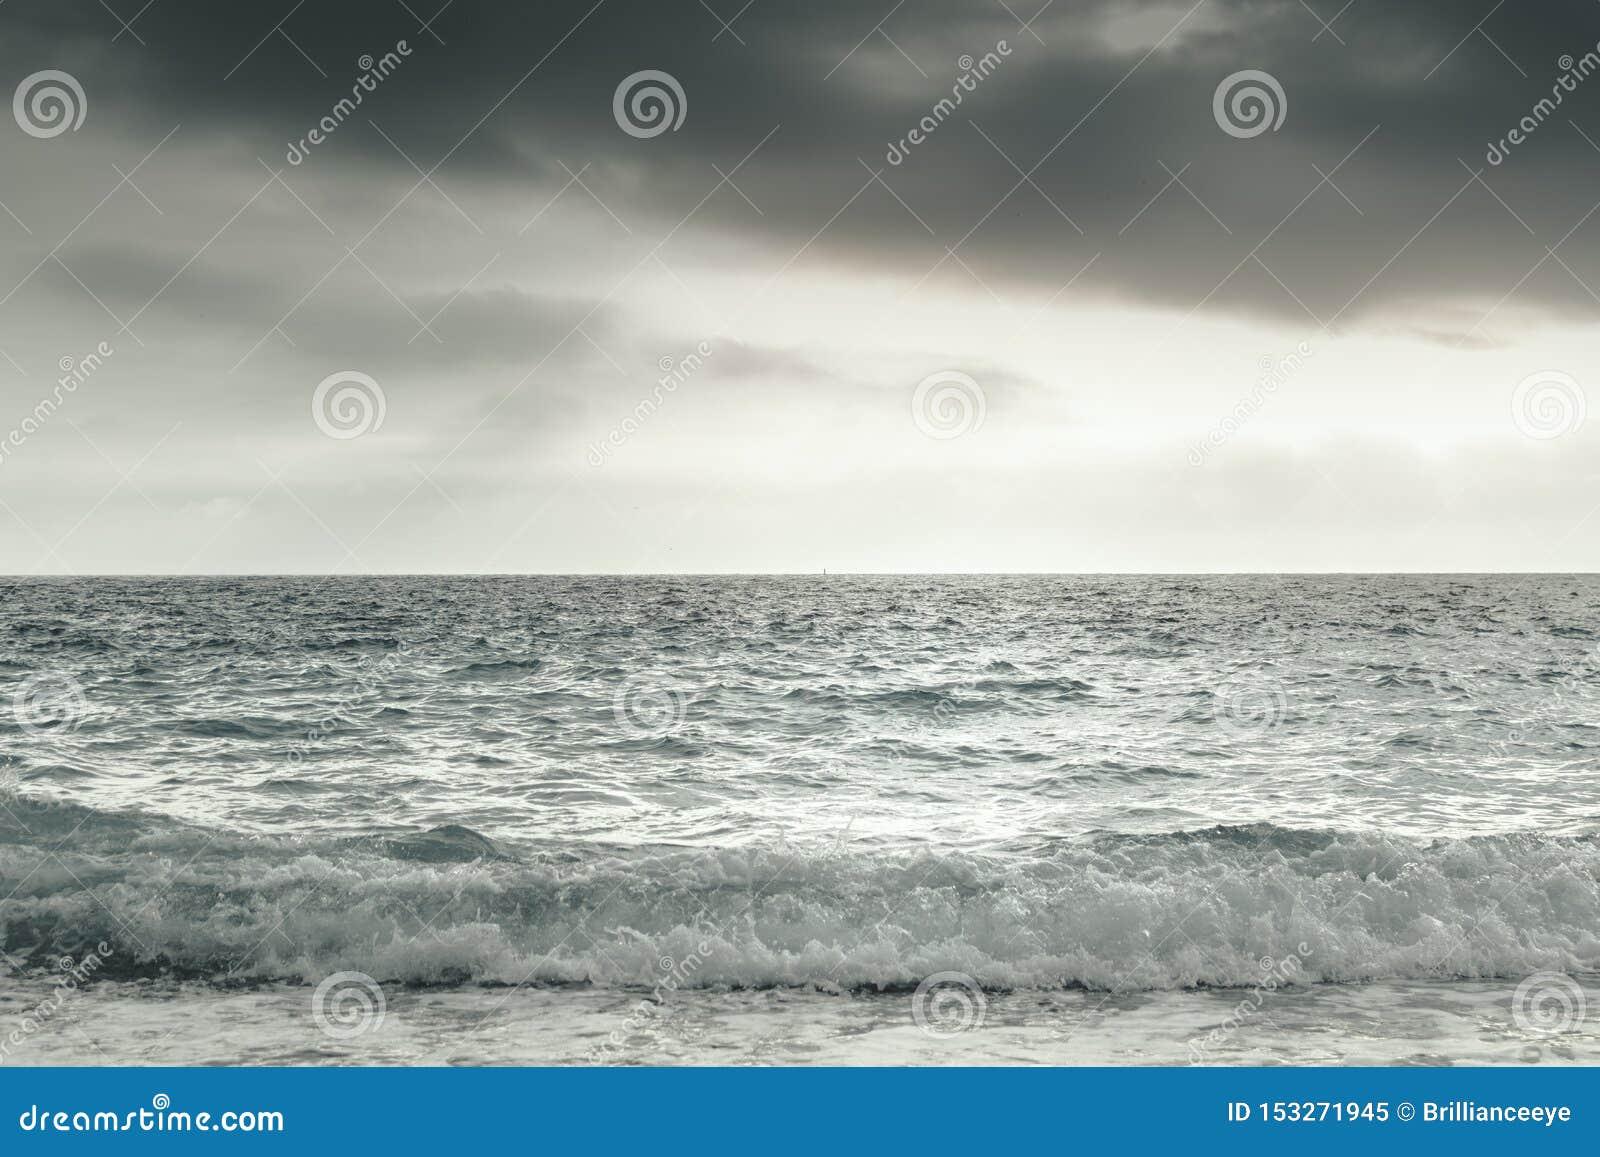 Paysage marin dramatique avec des vagues